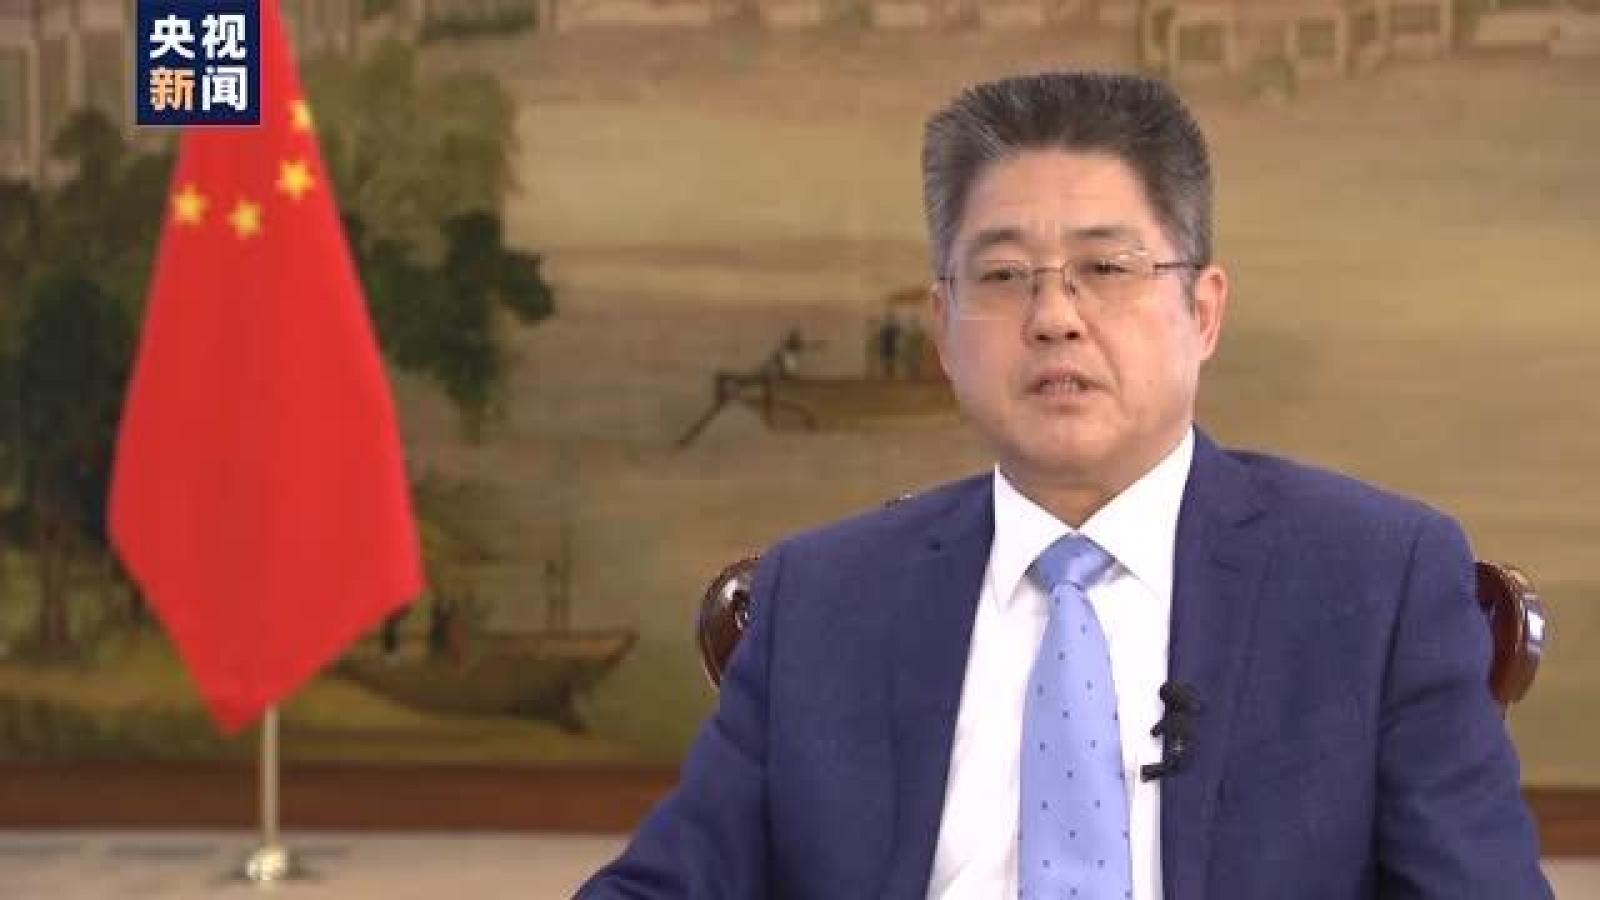 """Trung Quốc khẳng định """"là đồng đội chống dịch và đối tác phát triển của Mỹ"""""""